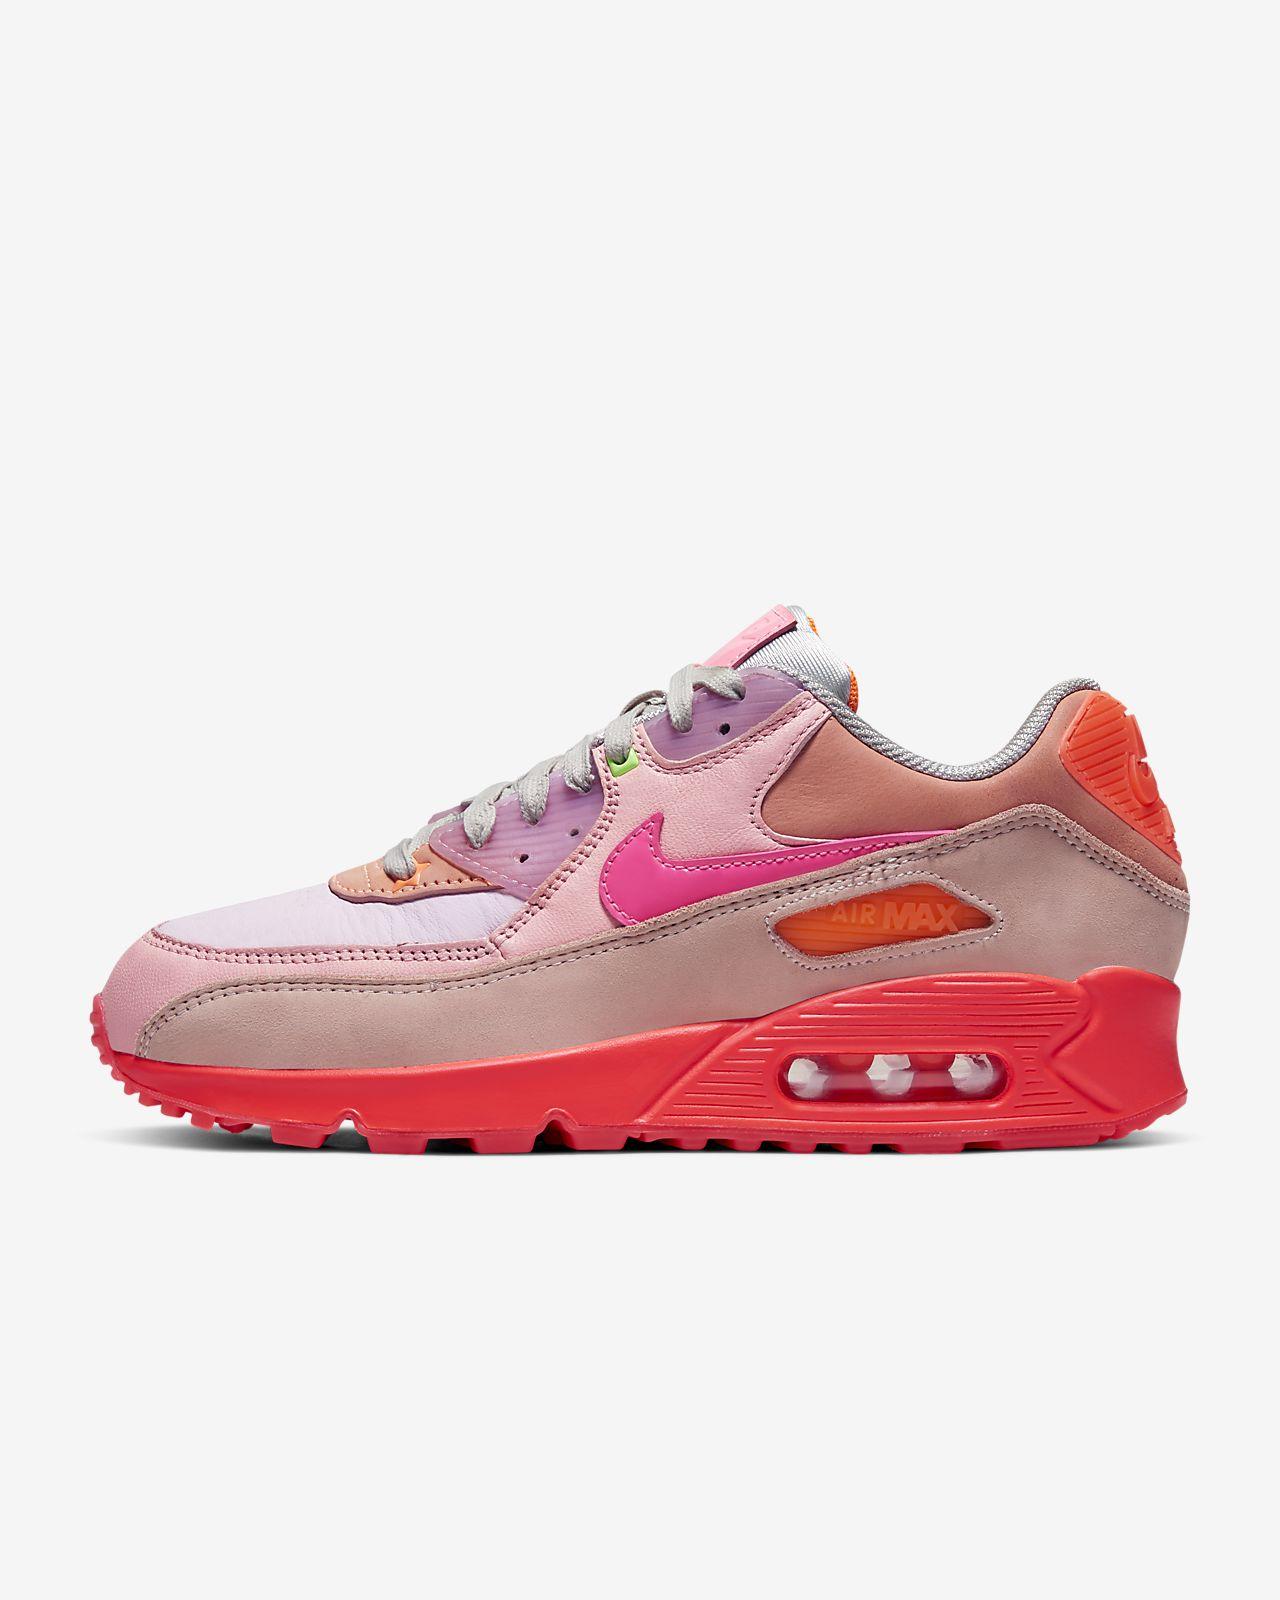 Women Shoes | Nike air max, Nike air, Air max 90